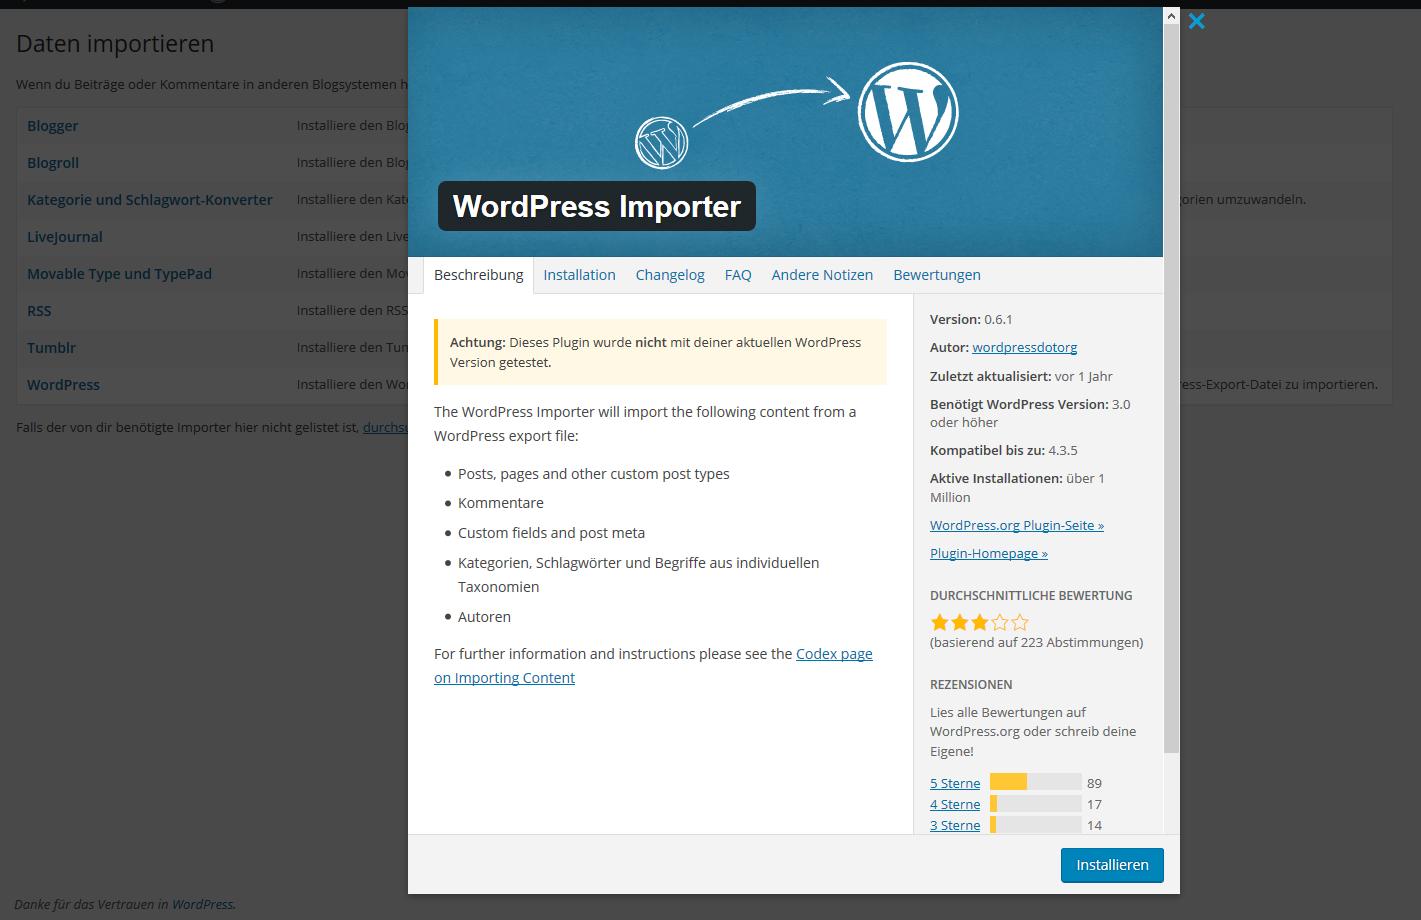 inhalte-der-wordpress-seite-exportieren-und-importieren-03